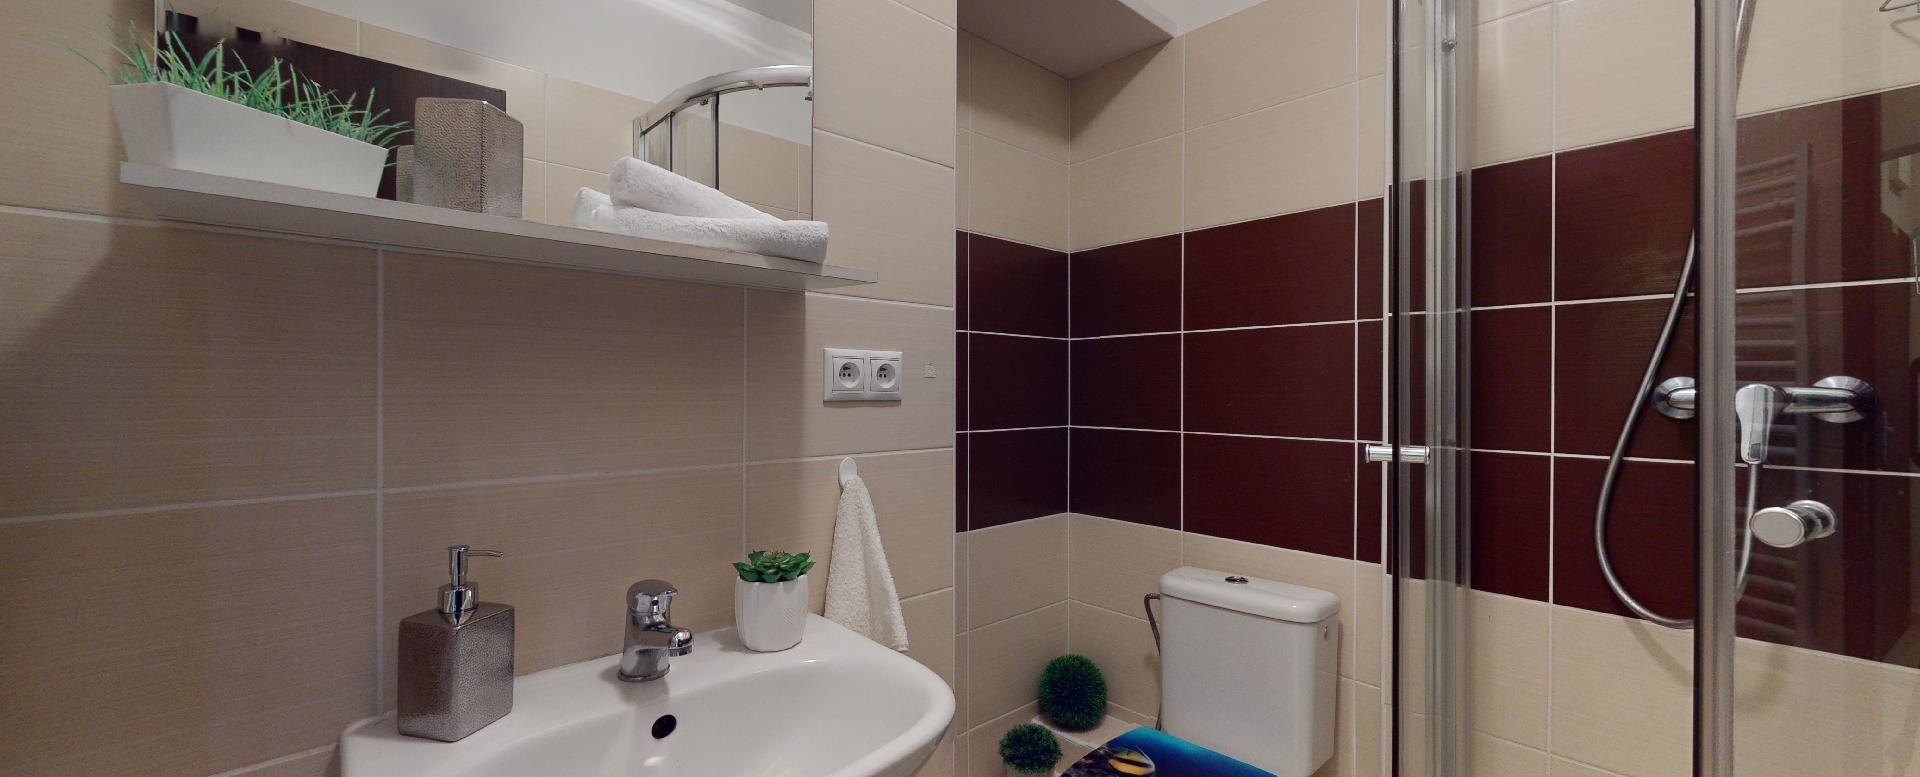 Kúpeľňa so sprchovým kútom a WC v 2-izbovom byte vo Vlčom hrdle